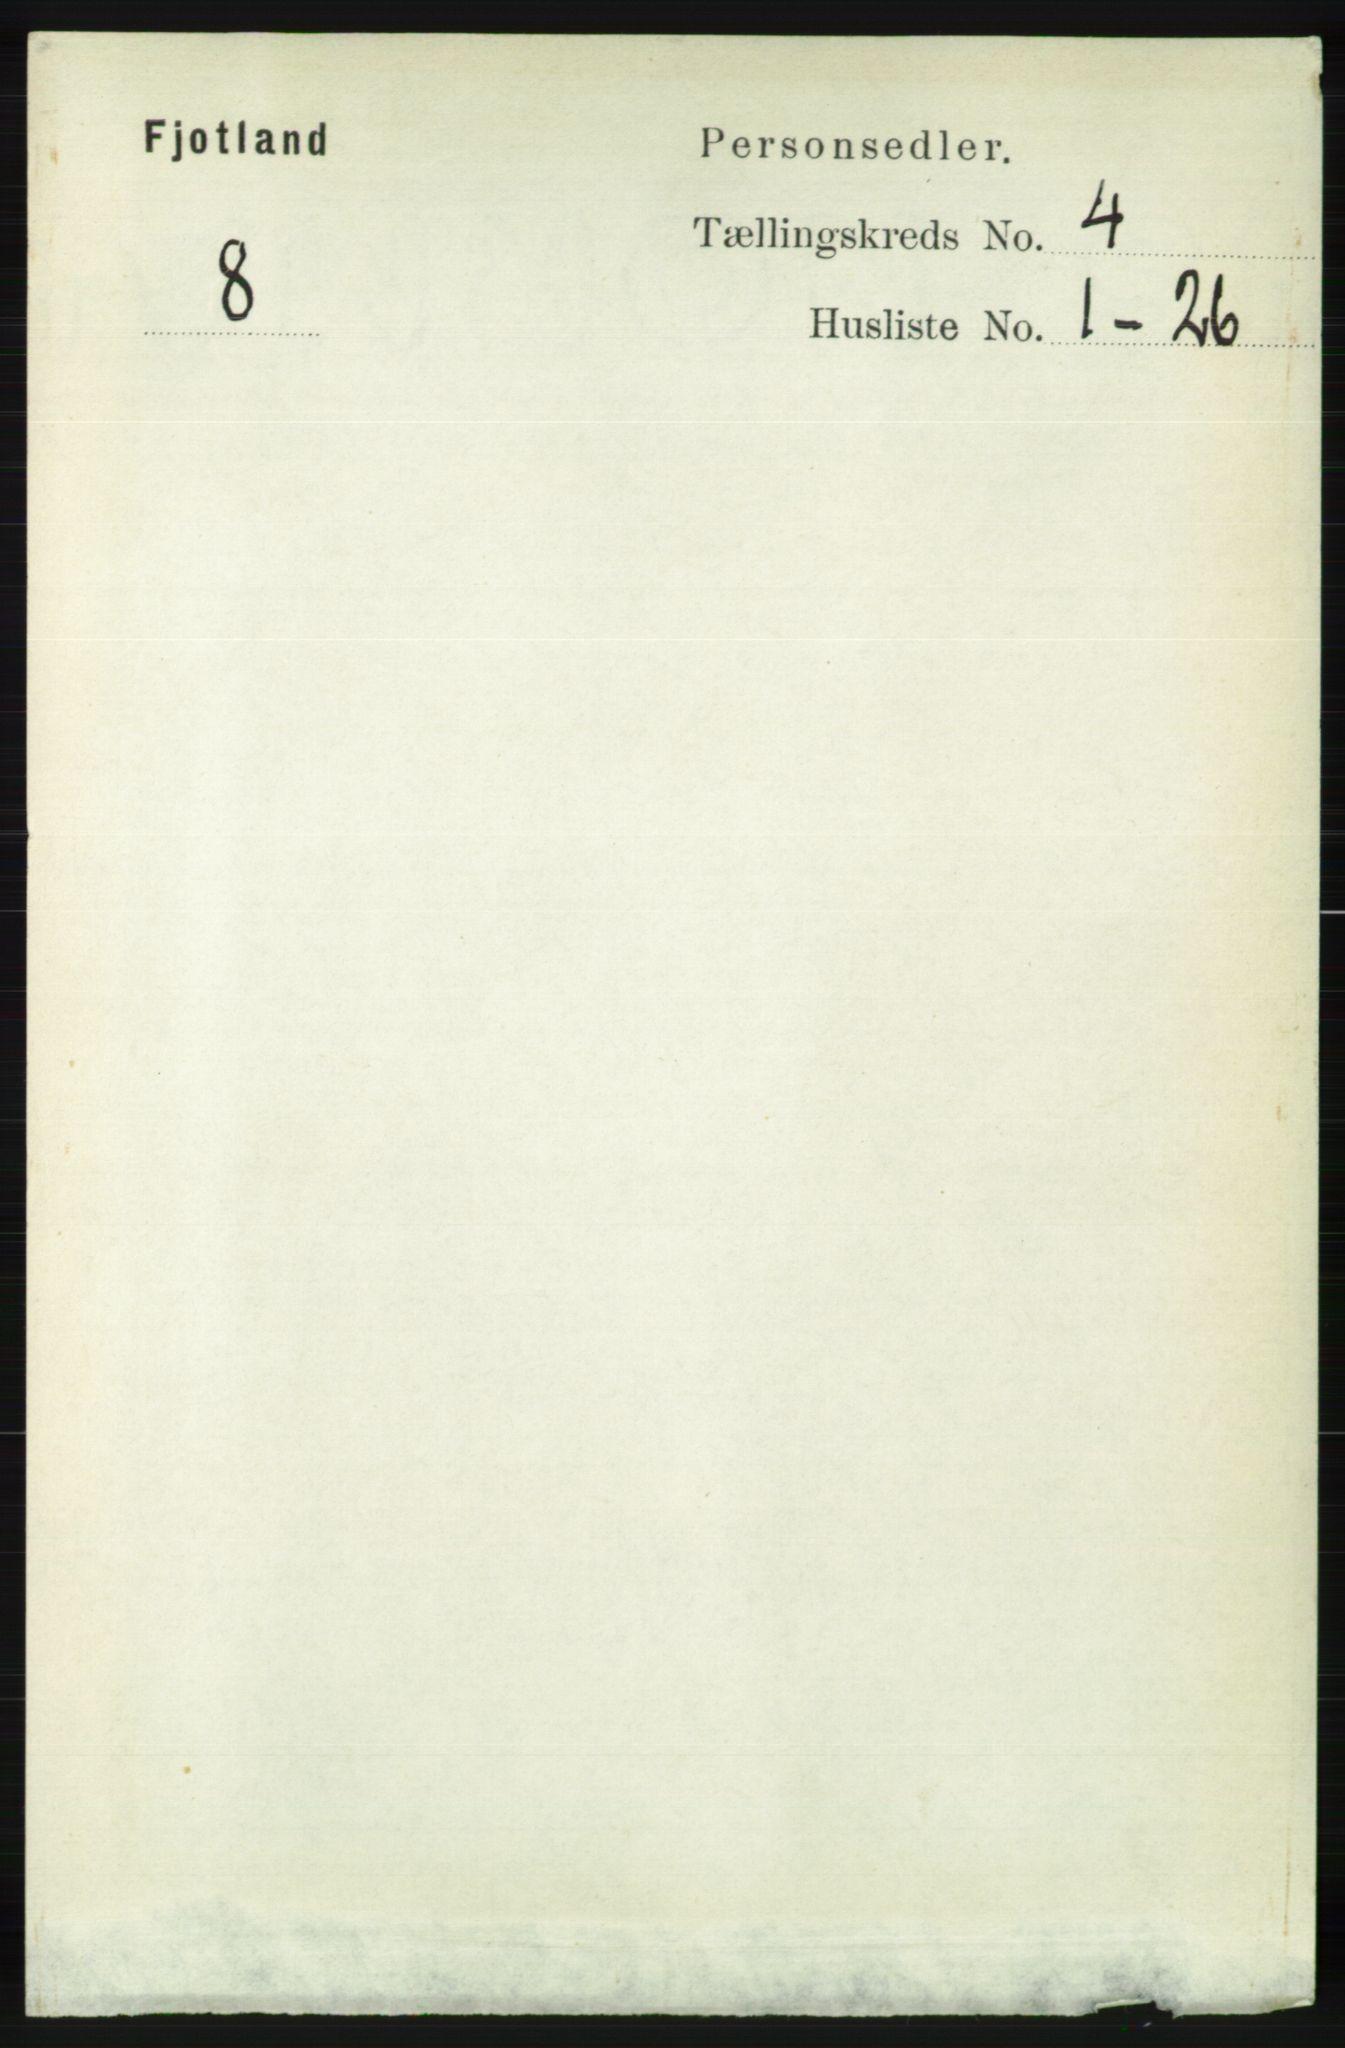 RA, Folketelling 1891 for 1036 Fjotland herred, 1891, s. 527